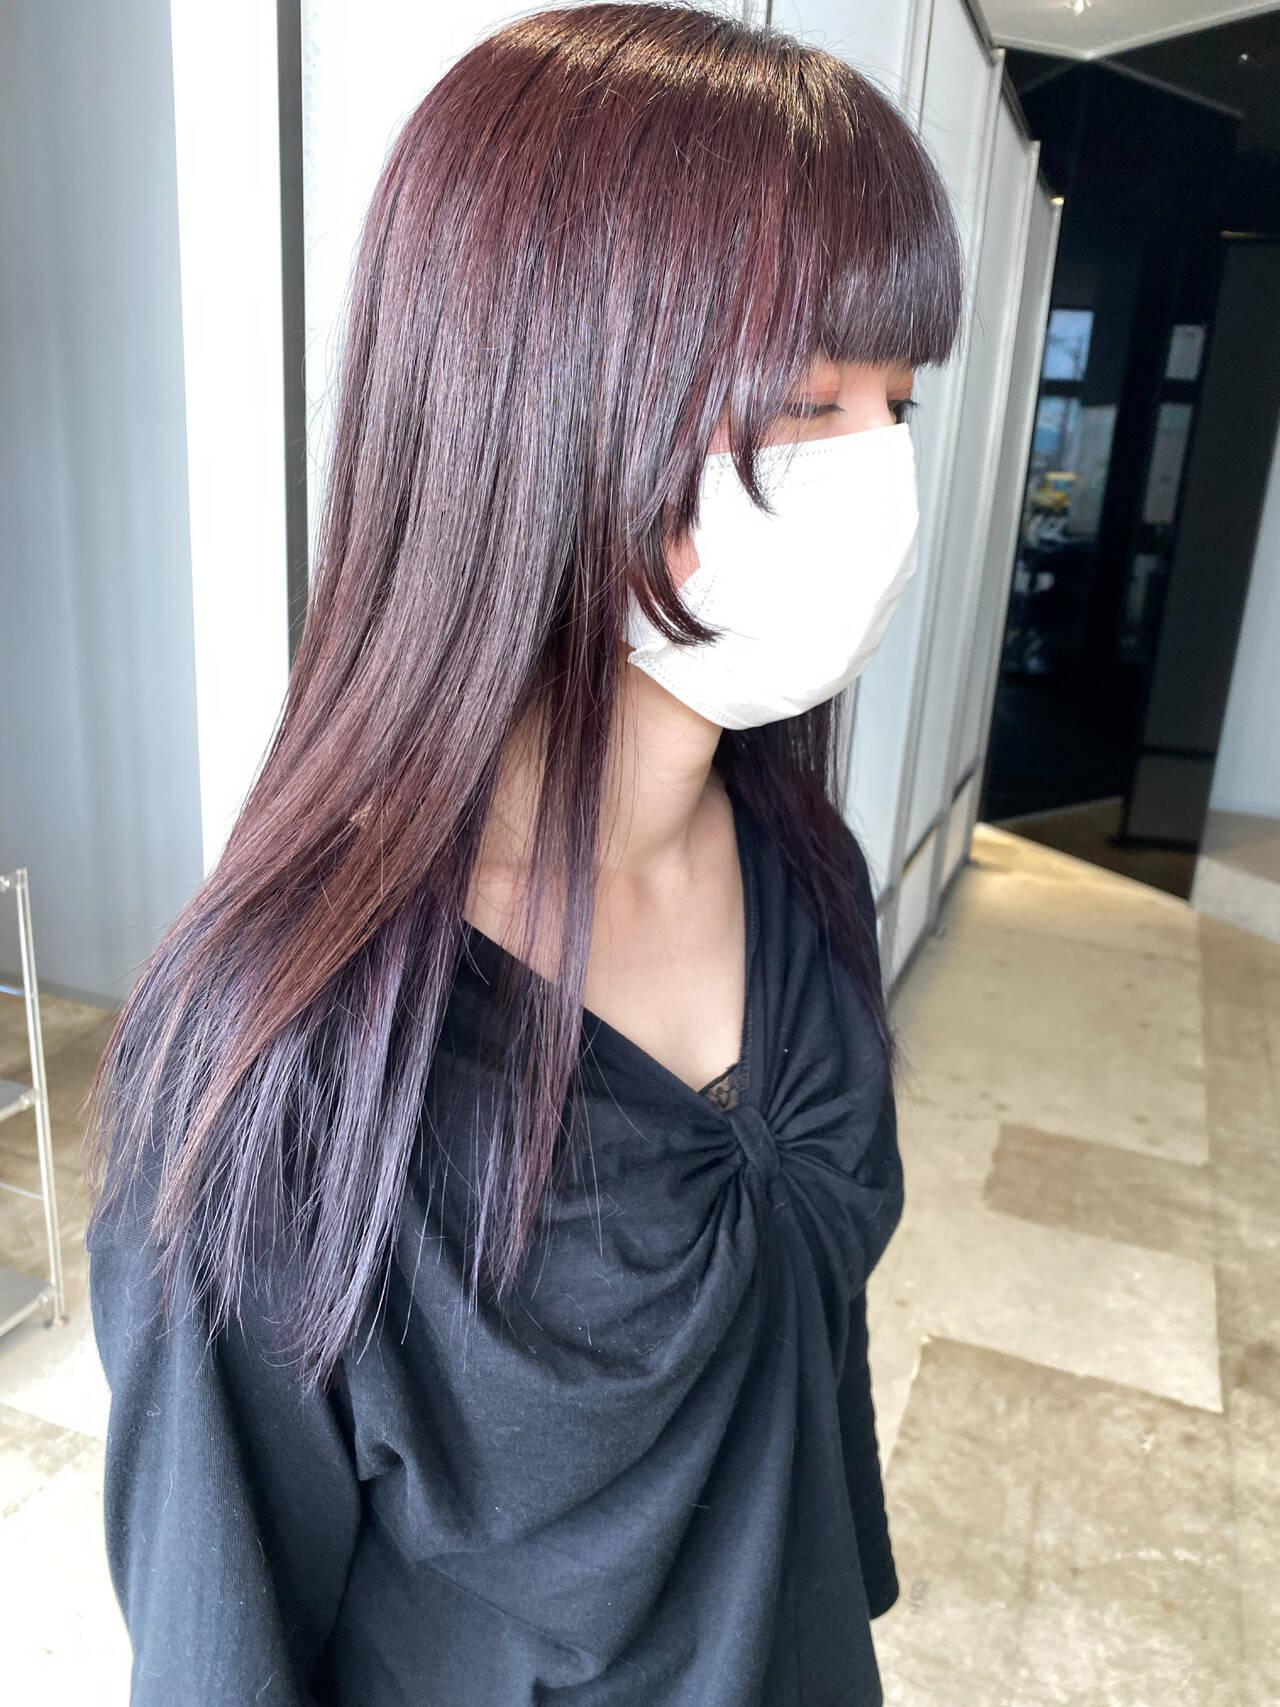 インナーカラーパープル ラベンダーグレー インナーカラー ナチュラルヘアスタイルや髪型の写真・画像